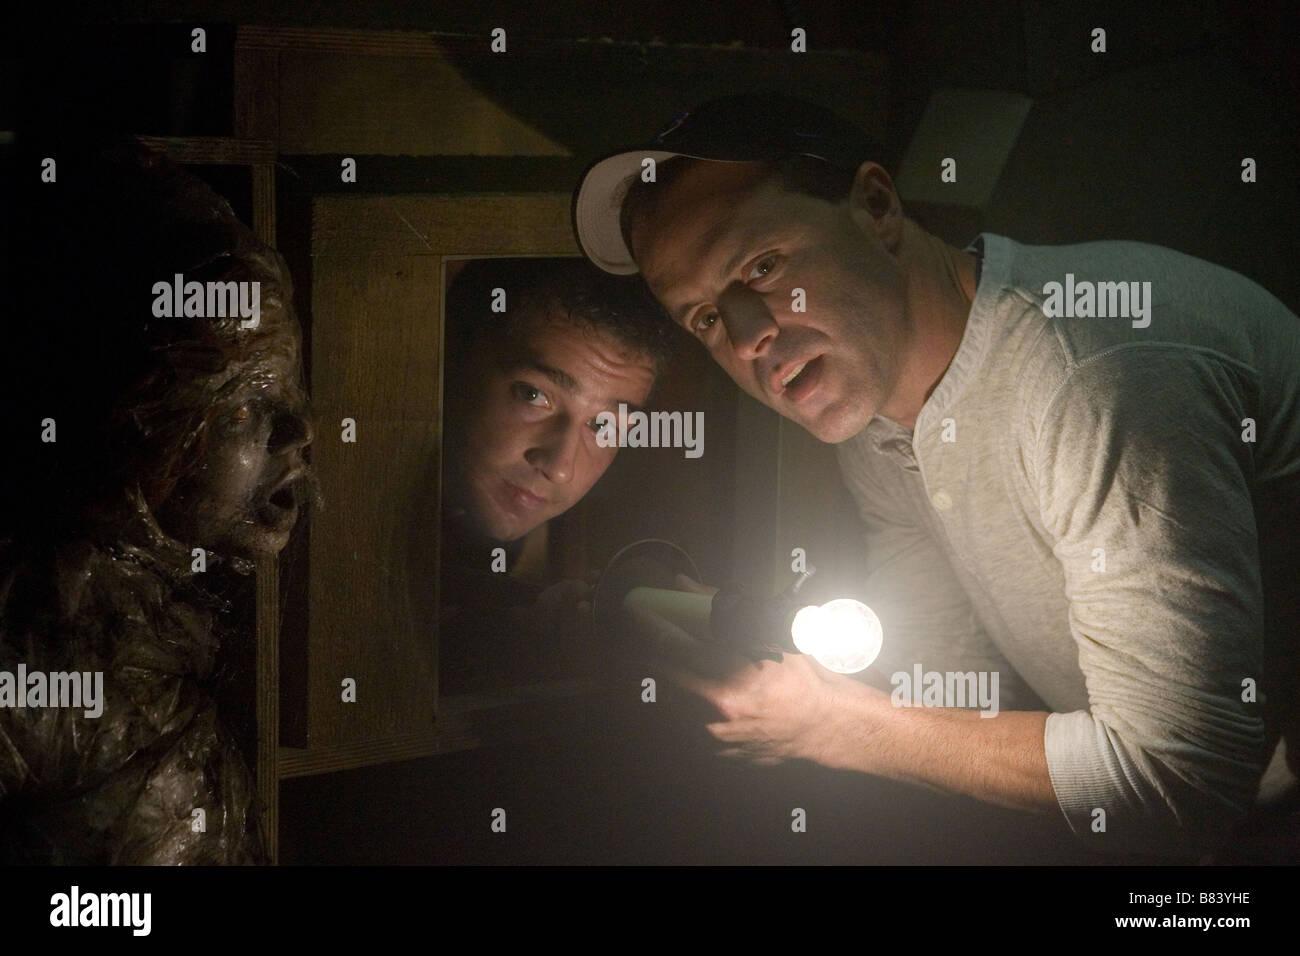 Disturbia Year : 2007 USA Director : D.J. Caruso D.J Caruso, Shia LaBeouf shooting picture Stock Photo